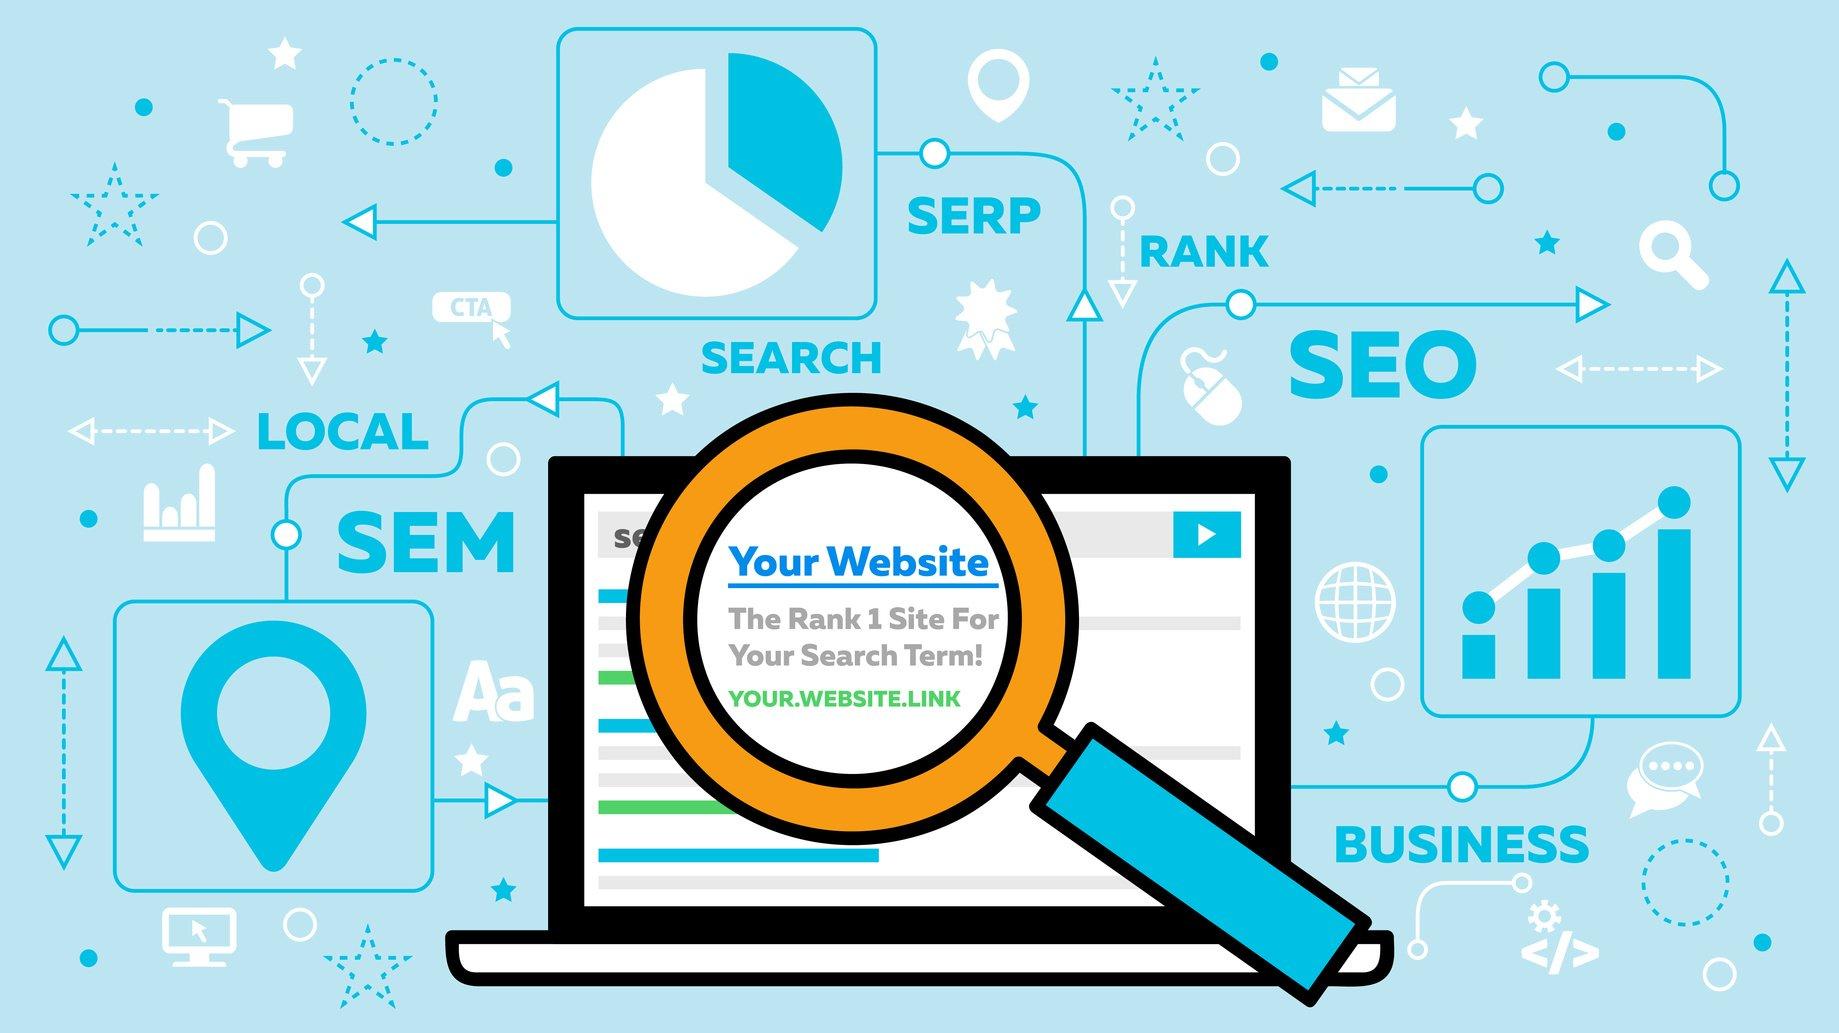 تحسين الموقع في محركات البحث لتظهر في الصفحات الأولى